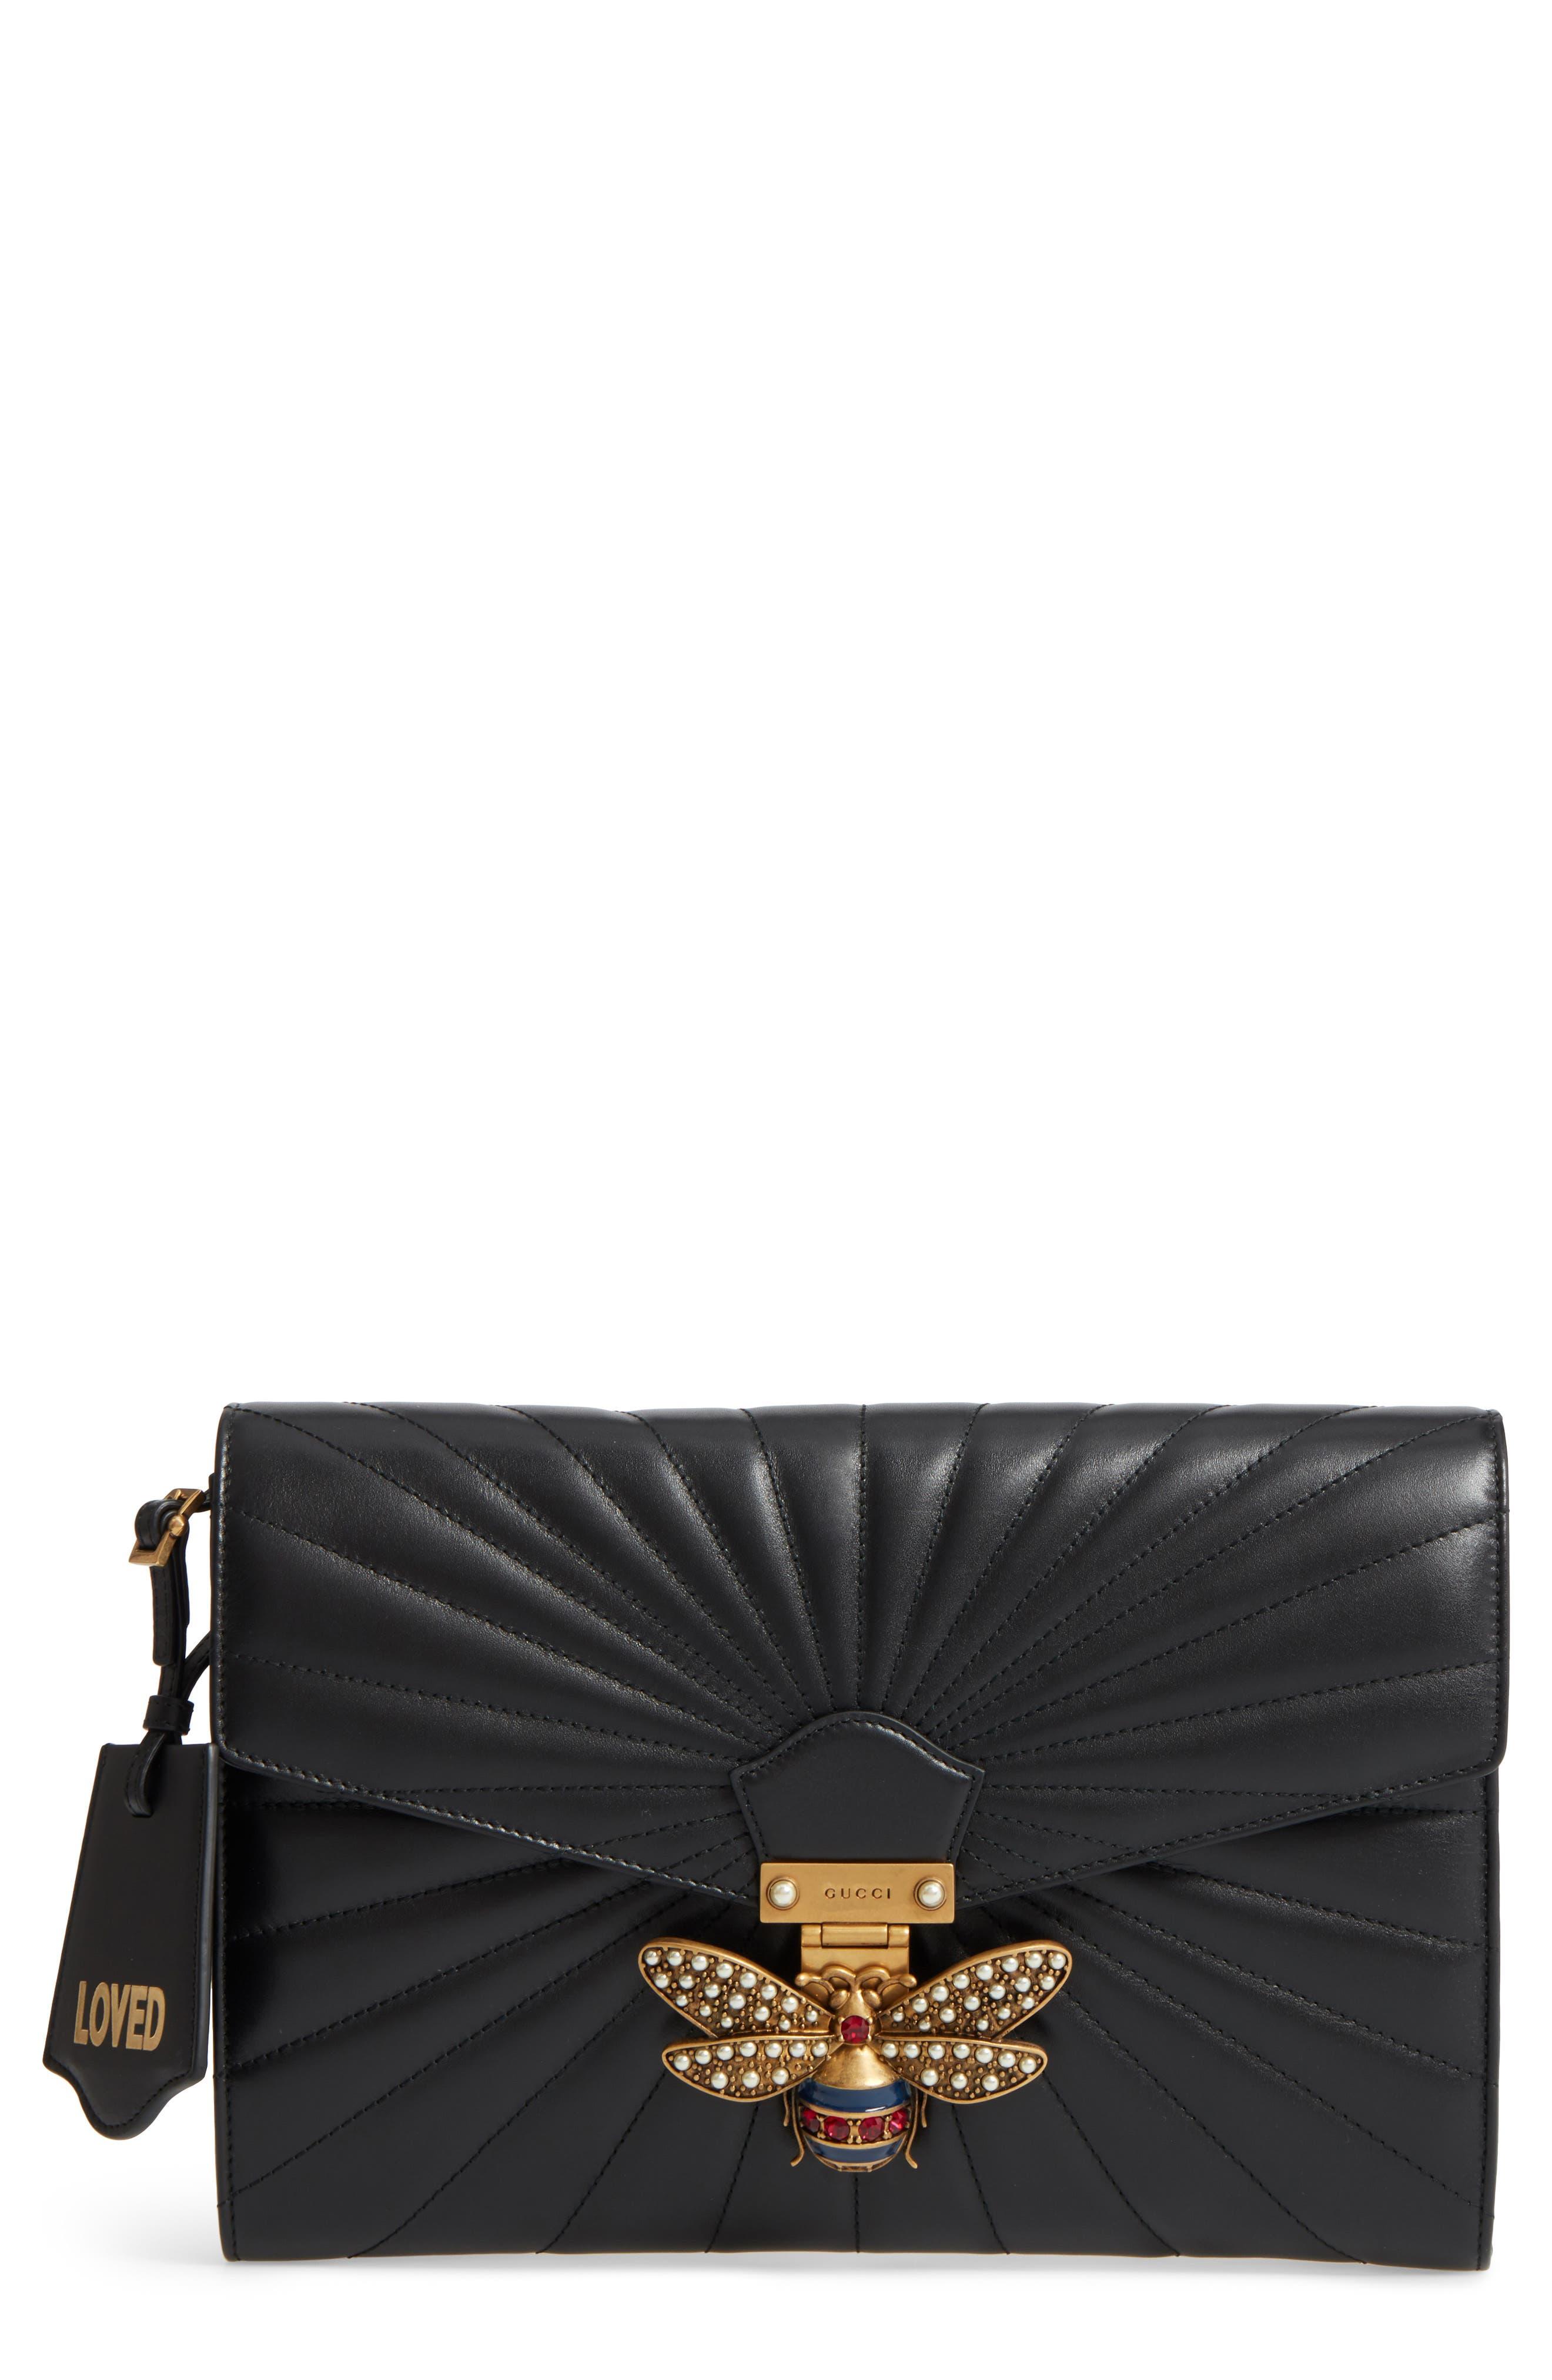 Queen Margaret Matelassé Leather Clutch,                             Main thumbnail 1, color,                             Nero